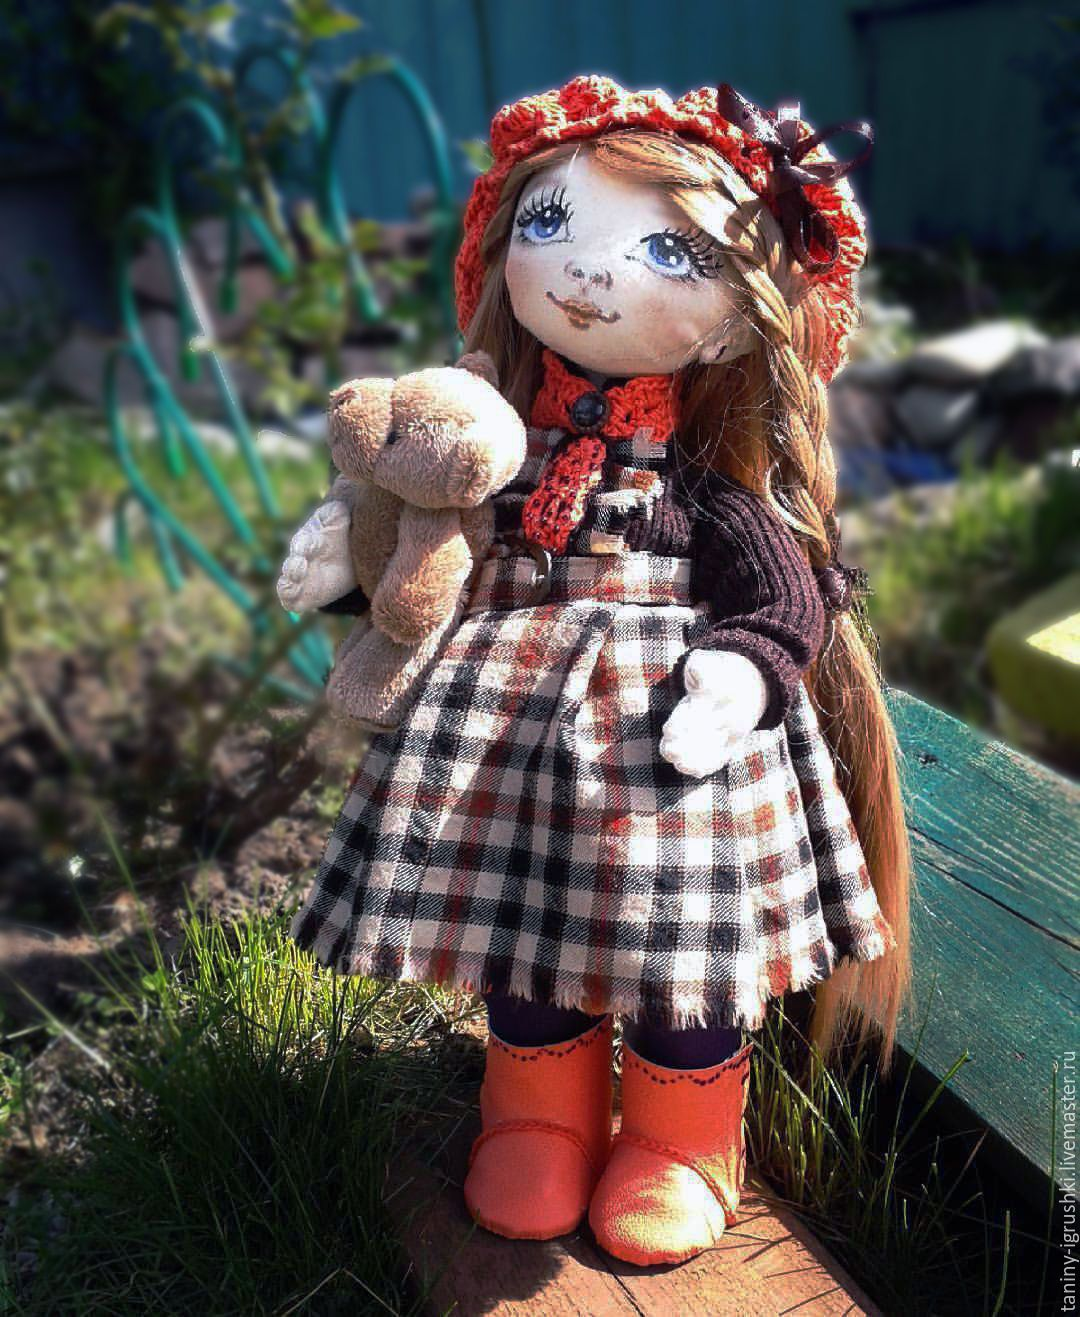 Купить Игрушка от Танюшки - кукла текстильная, коллекционная кукла, подарок, день рождения, свадьба